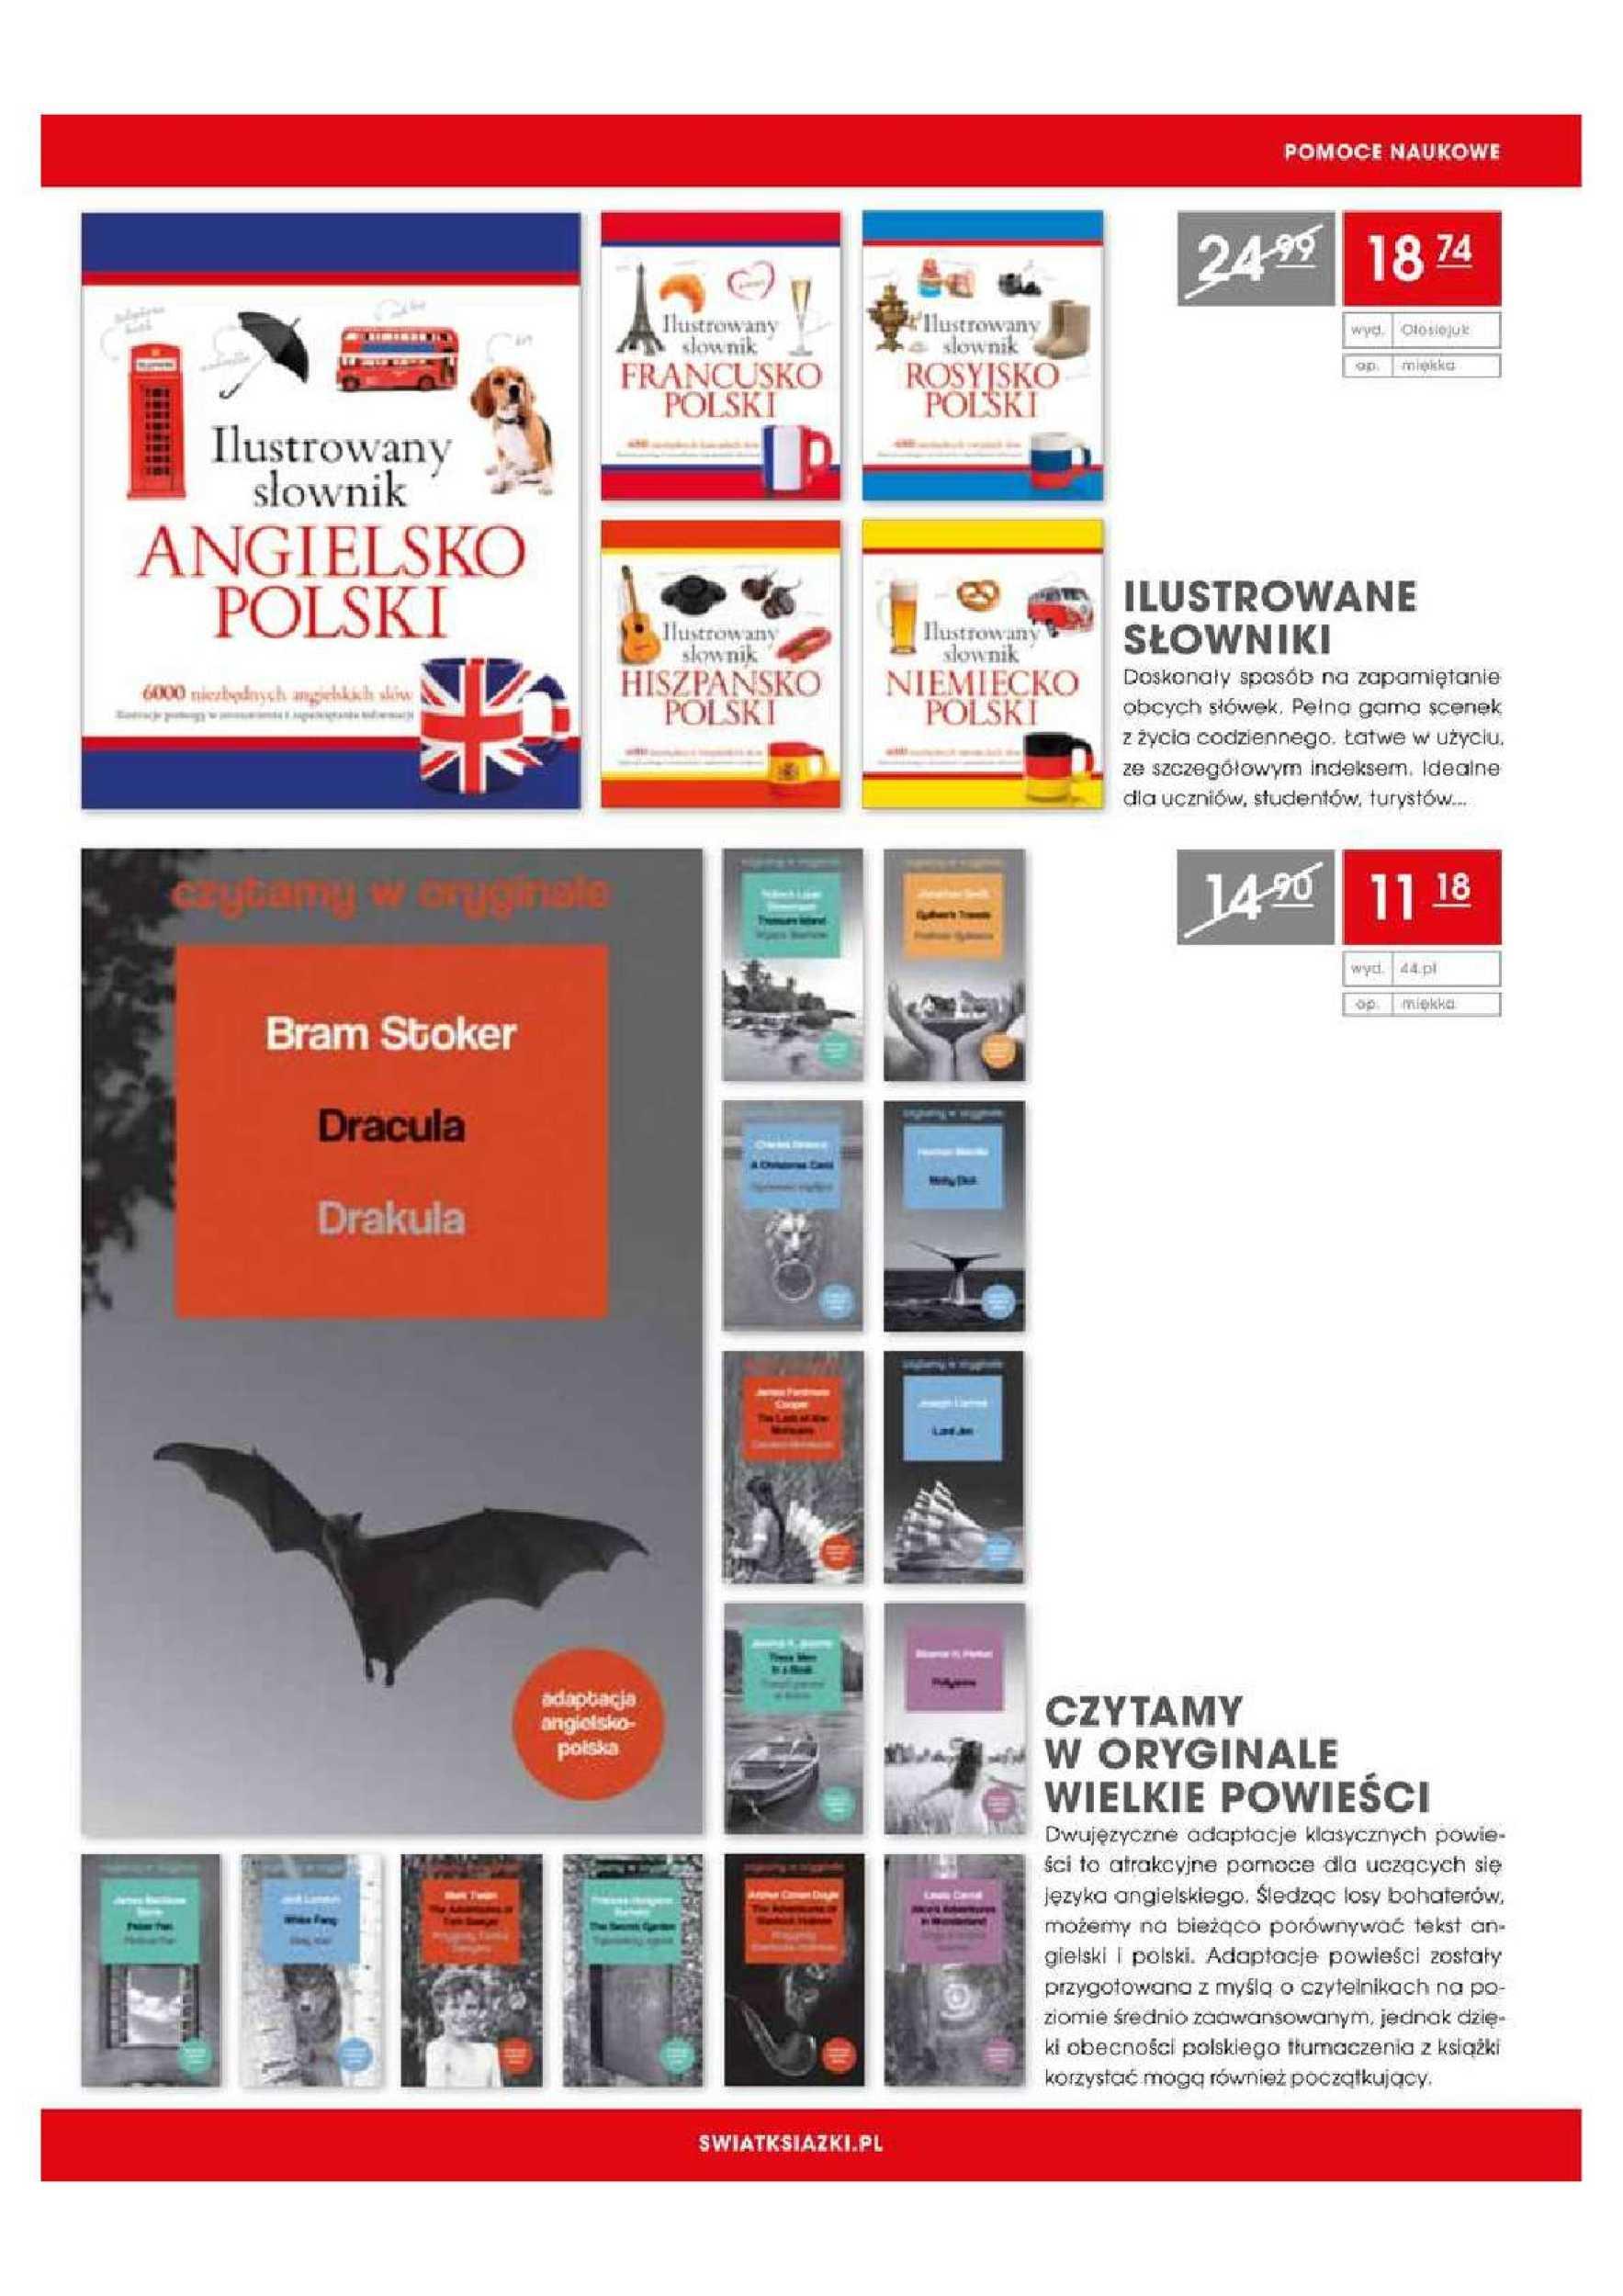 Nowy katalog / strona 41 z 44